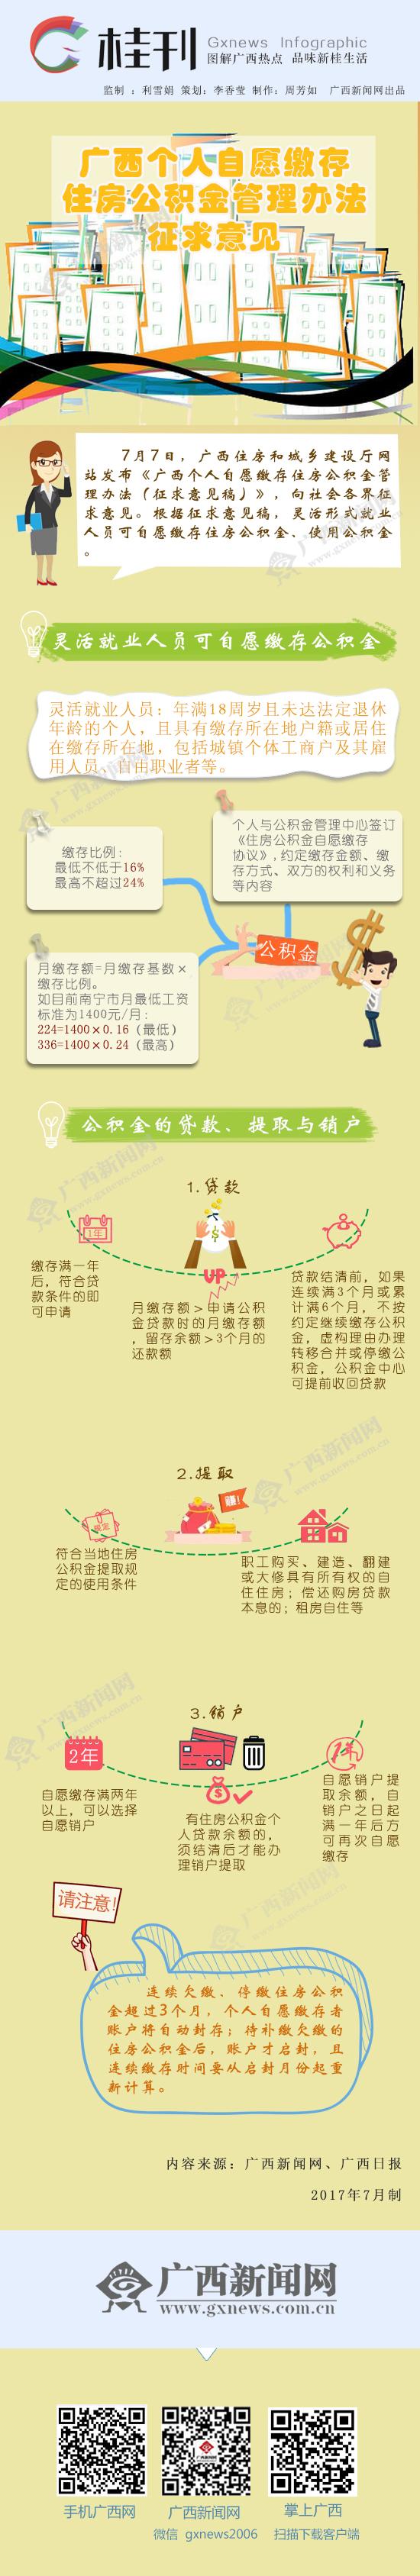 桂刊:广西个人缴存住房公积金管理办法征求意见